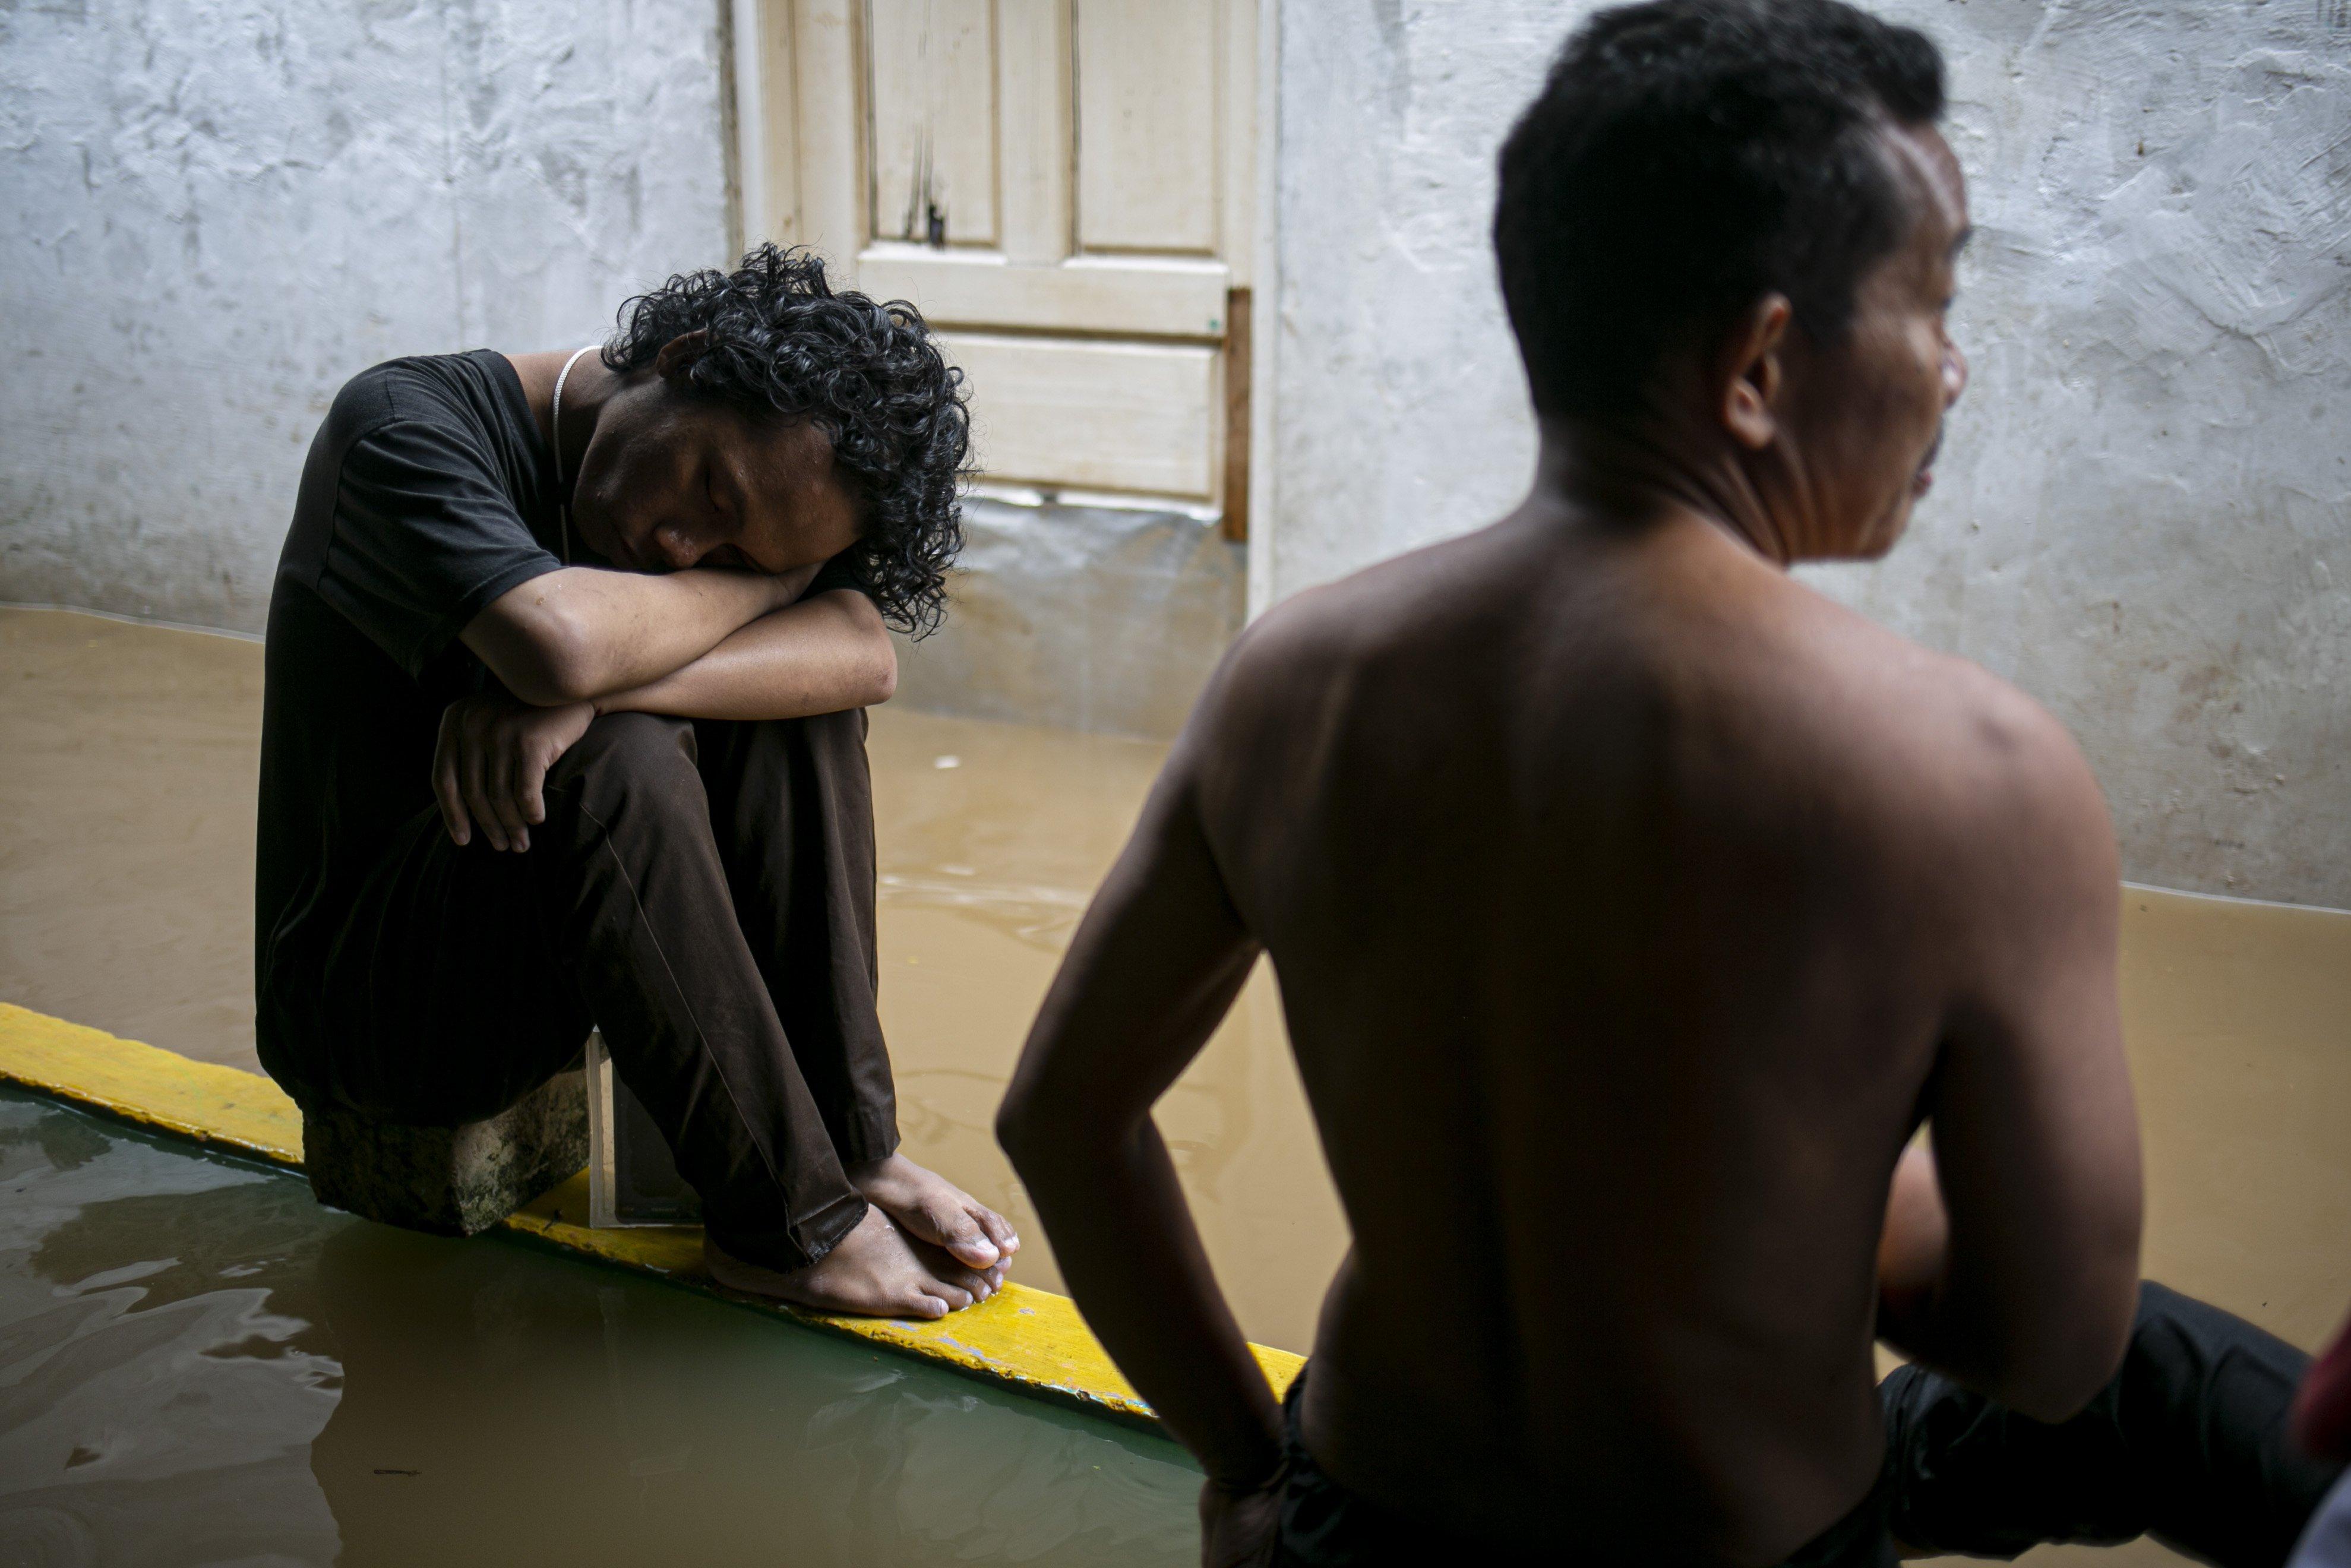 Warga tertidur didepan rumahnya yang tergenang banjir di kawasan Cipinang Melayu, Jakarta Timur, Jumat (19/2/2021). Banjir di kawasan tersebut akibat curah hujan yang tinggi dan meluapnya air dari Kali Sunter.